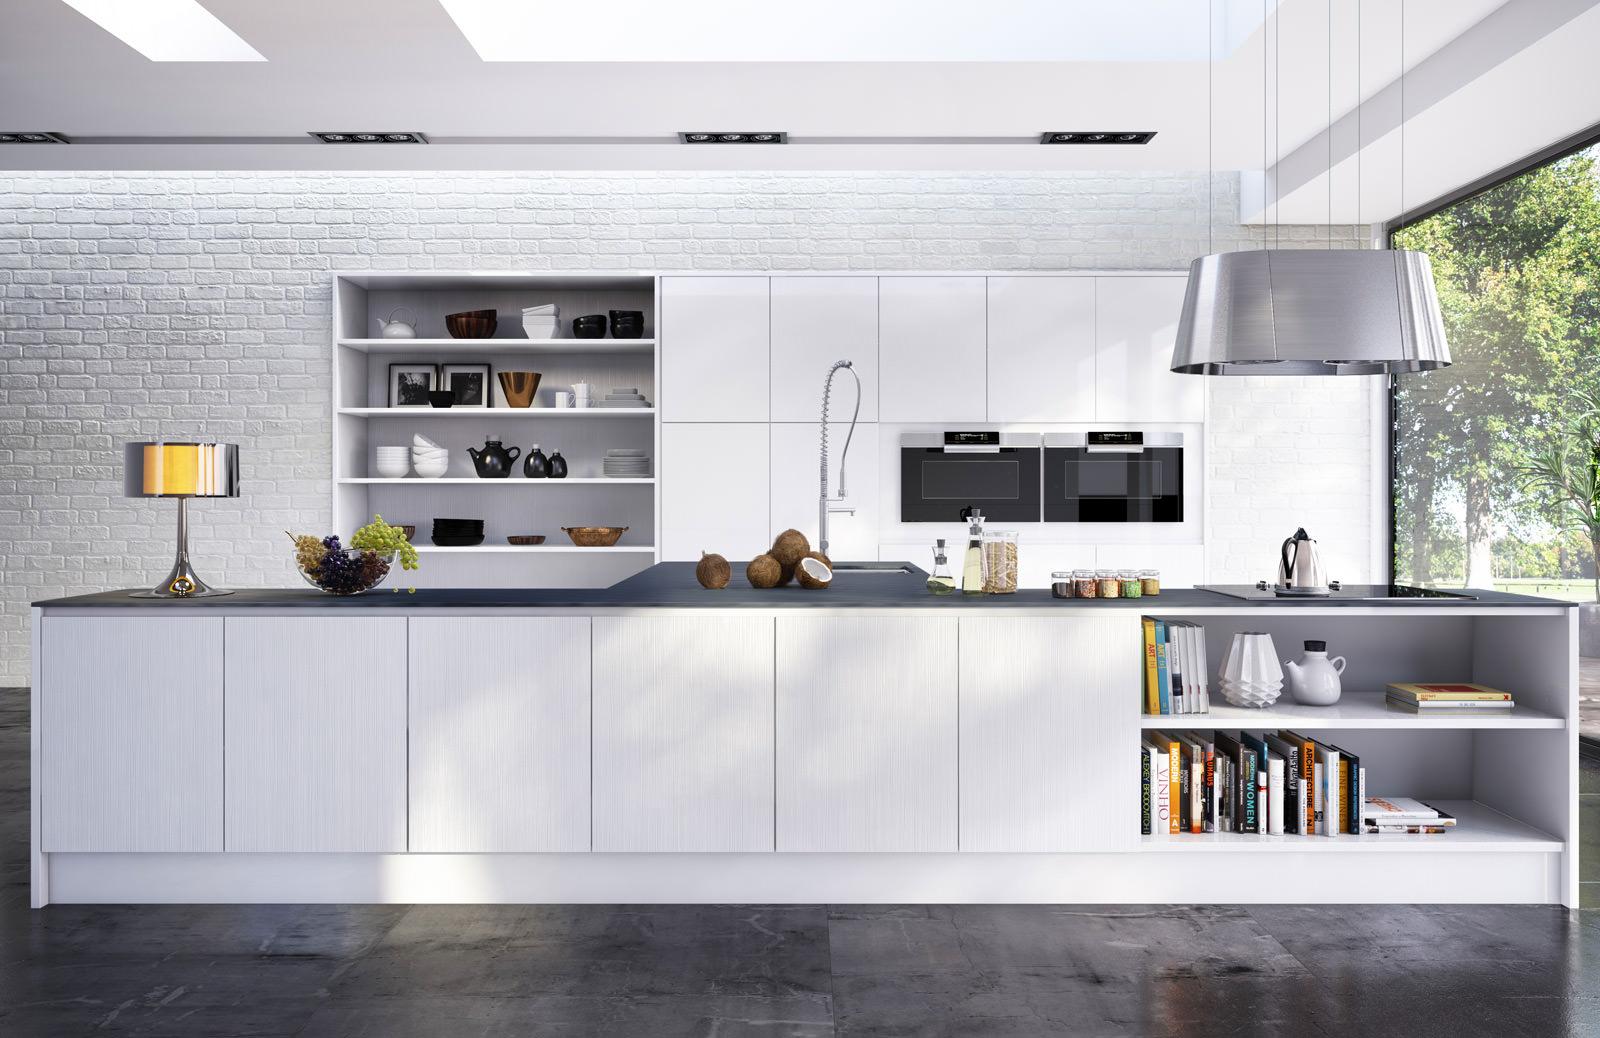 #818546 Cozinhas planejadas: Cozinhas planejadas Todeschini 1600x1038 px Projetos Cozinhas Planejadas Itatiaia #101 imagens